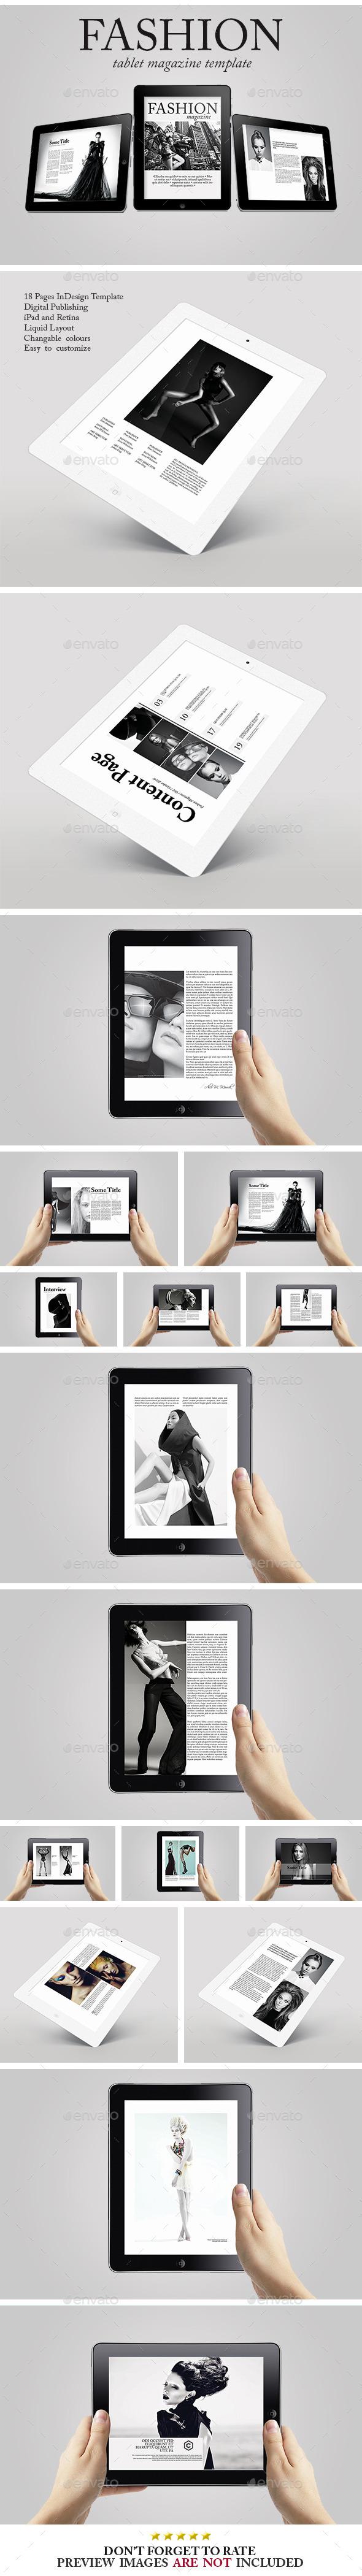 Tablet Fashion Magazine Template - Digital Magazines ePublishing